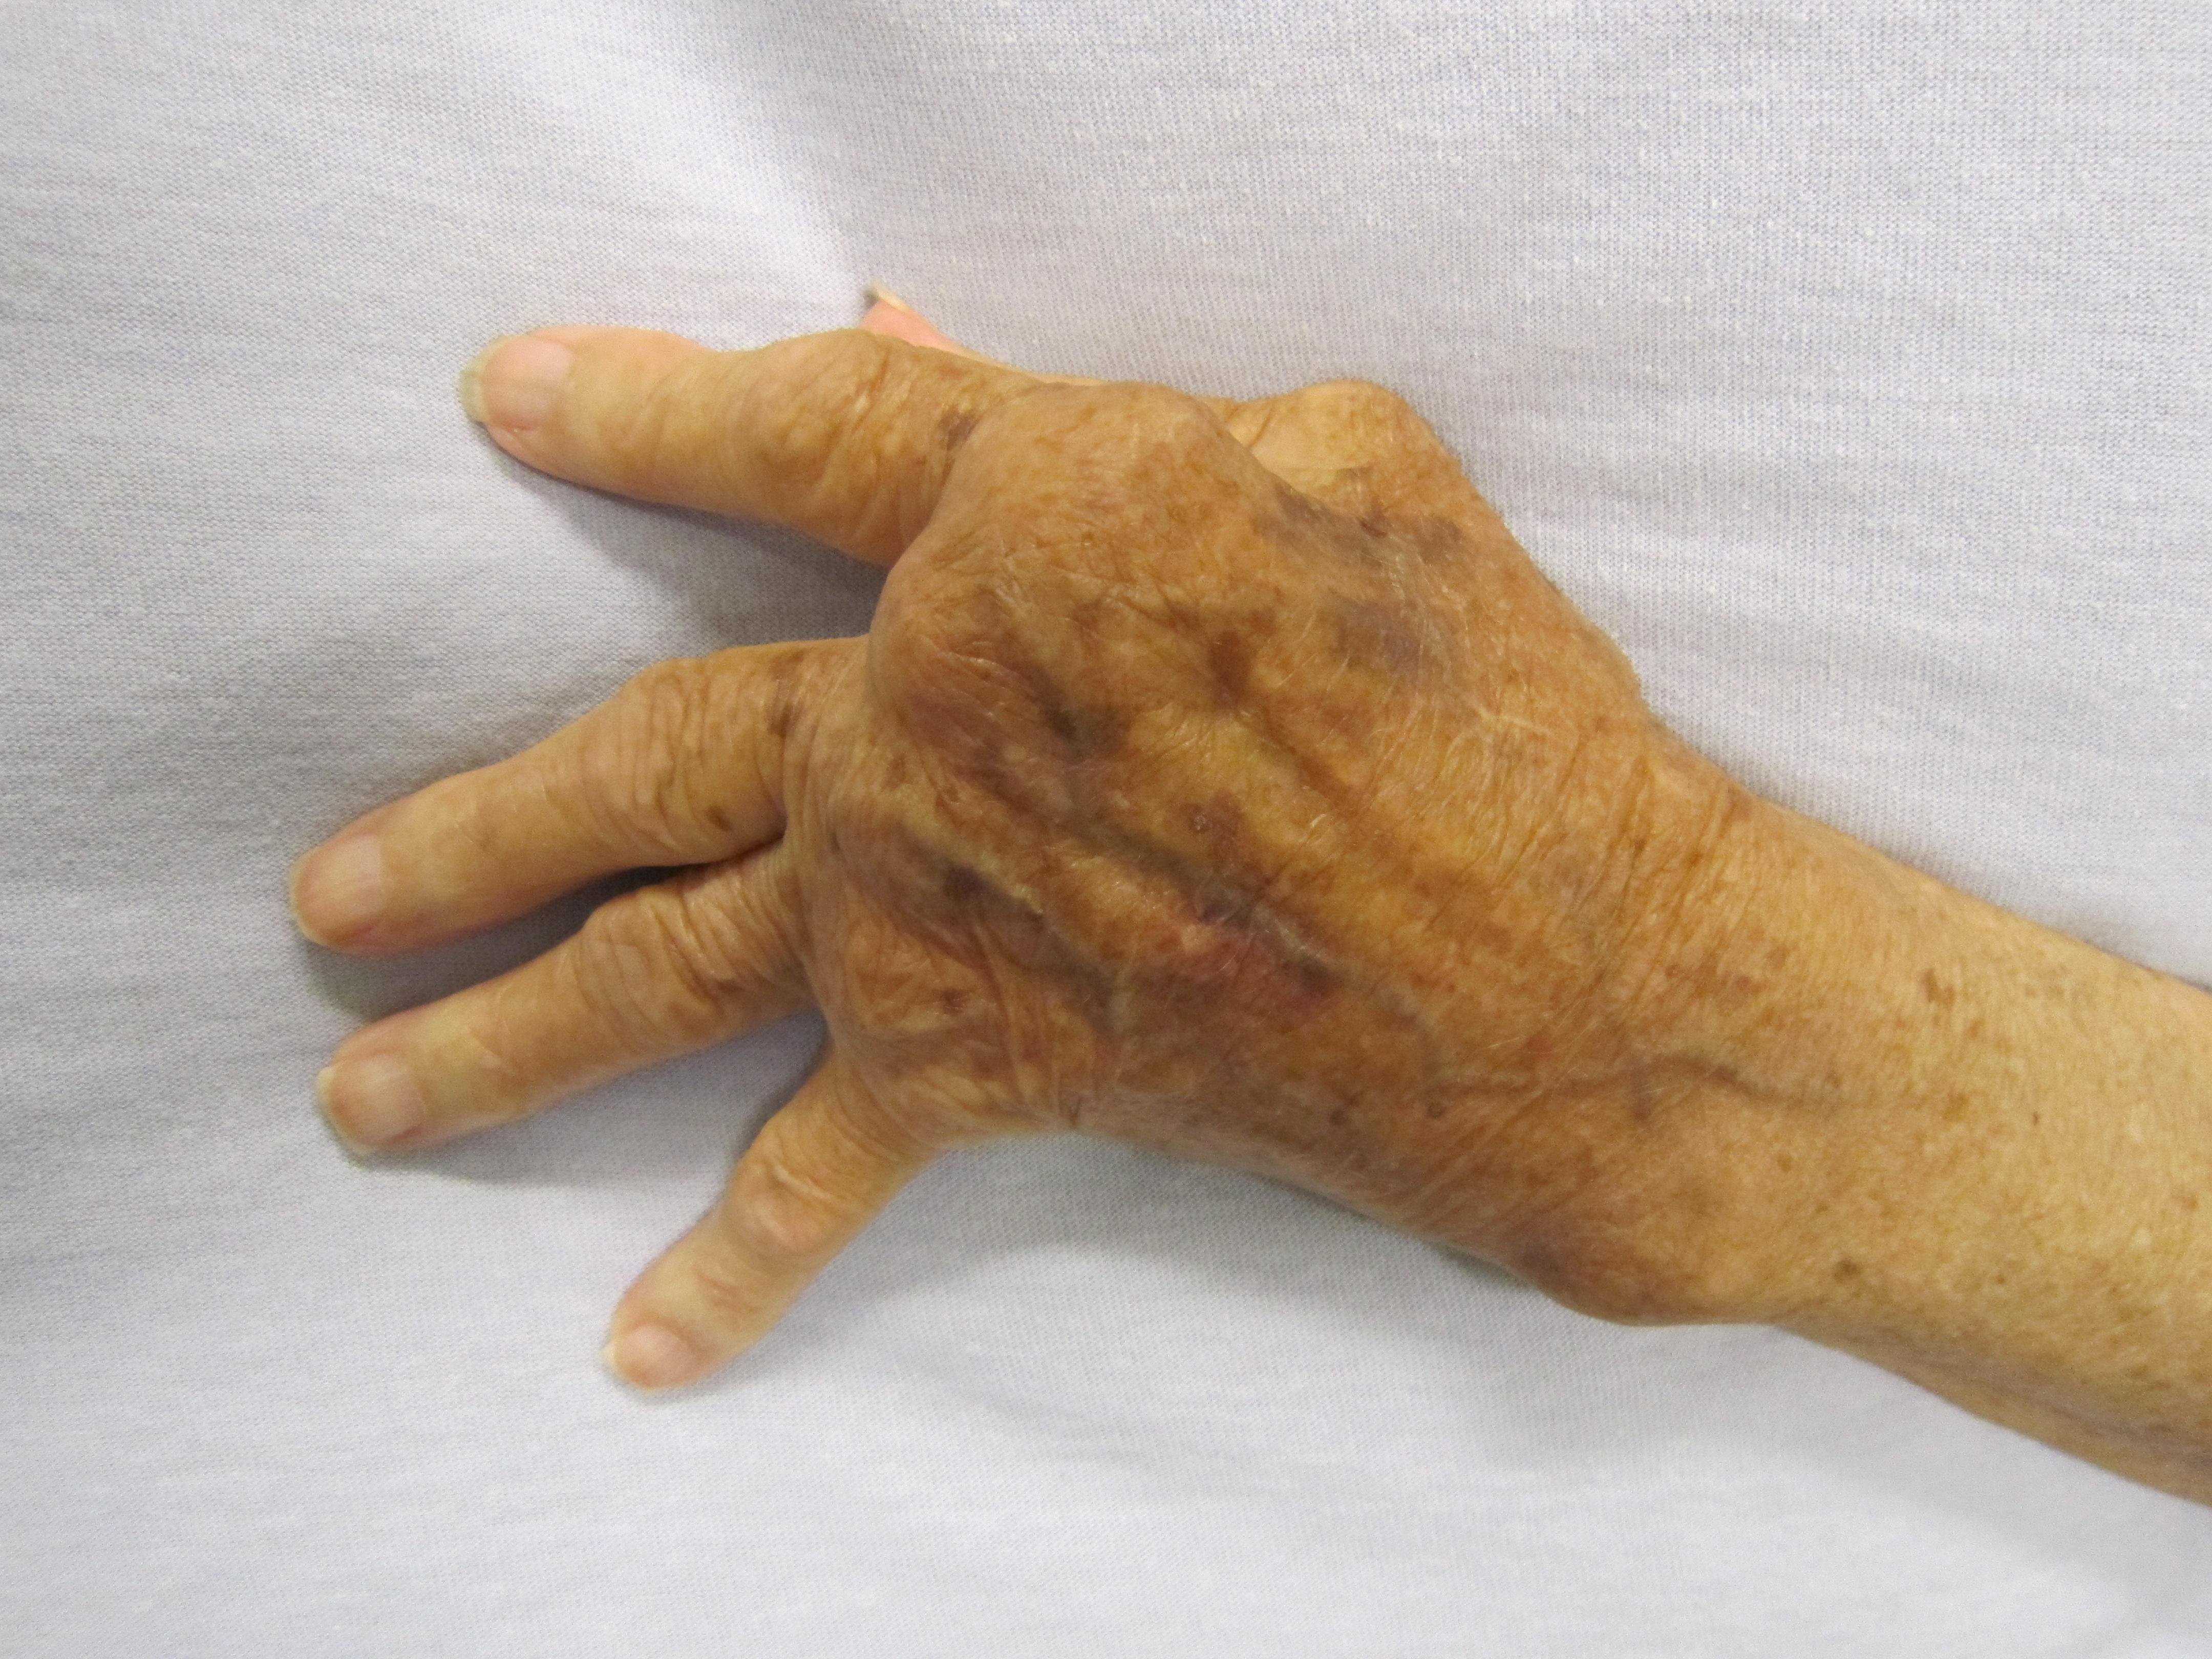 hogyan lehet kezelni a kis ízületek deformáló artrózisát